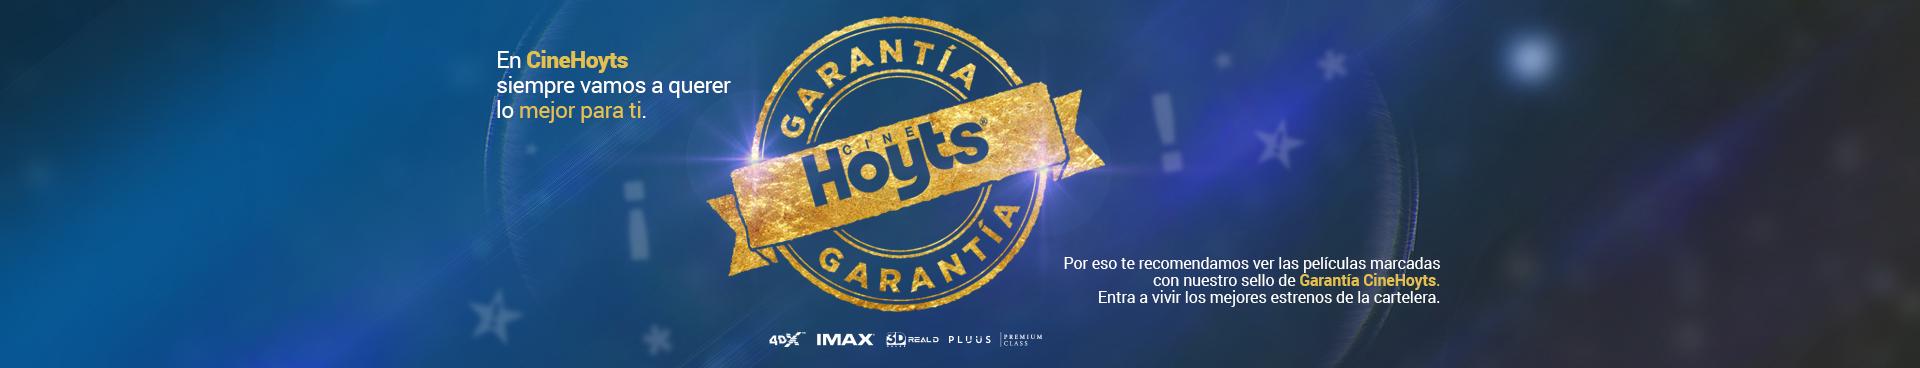 Garantia Hoyts